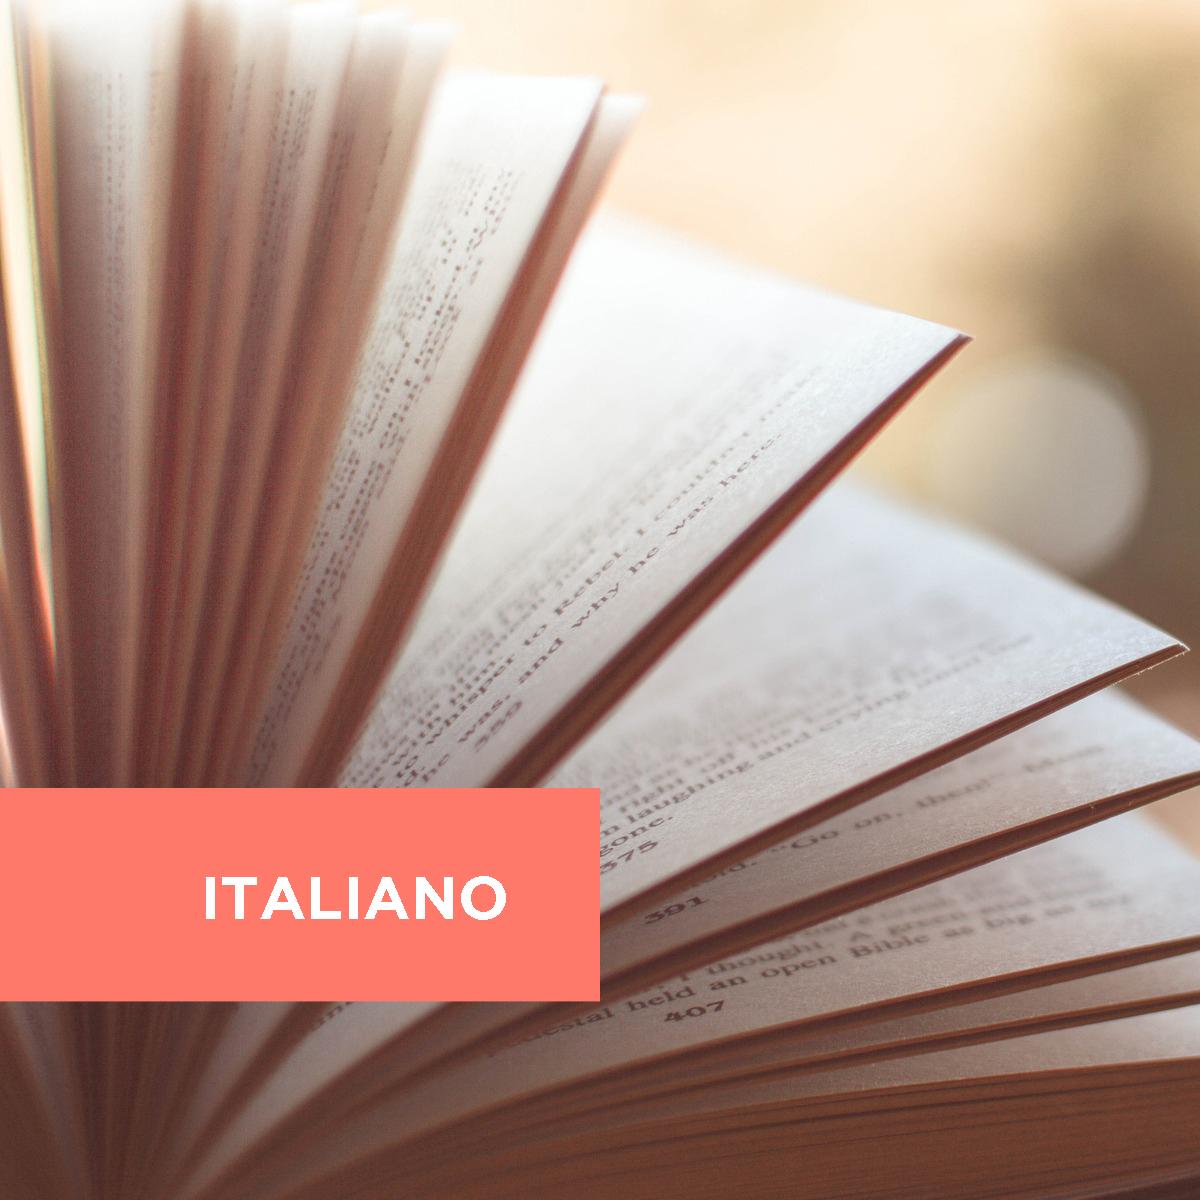 Il piacere del testo: proposte per una pratica della lettura e della scrittura in classe